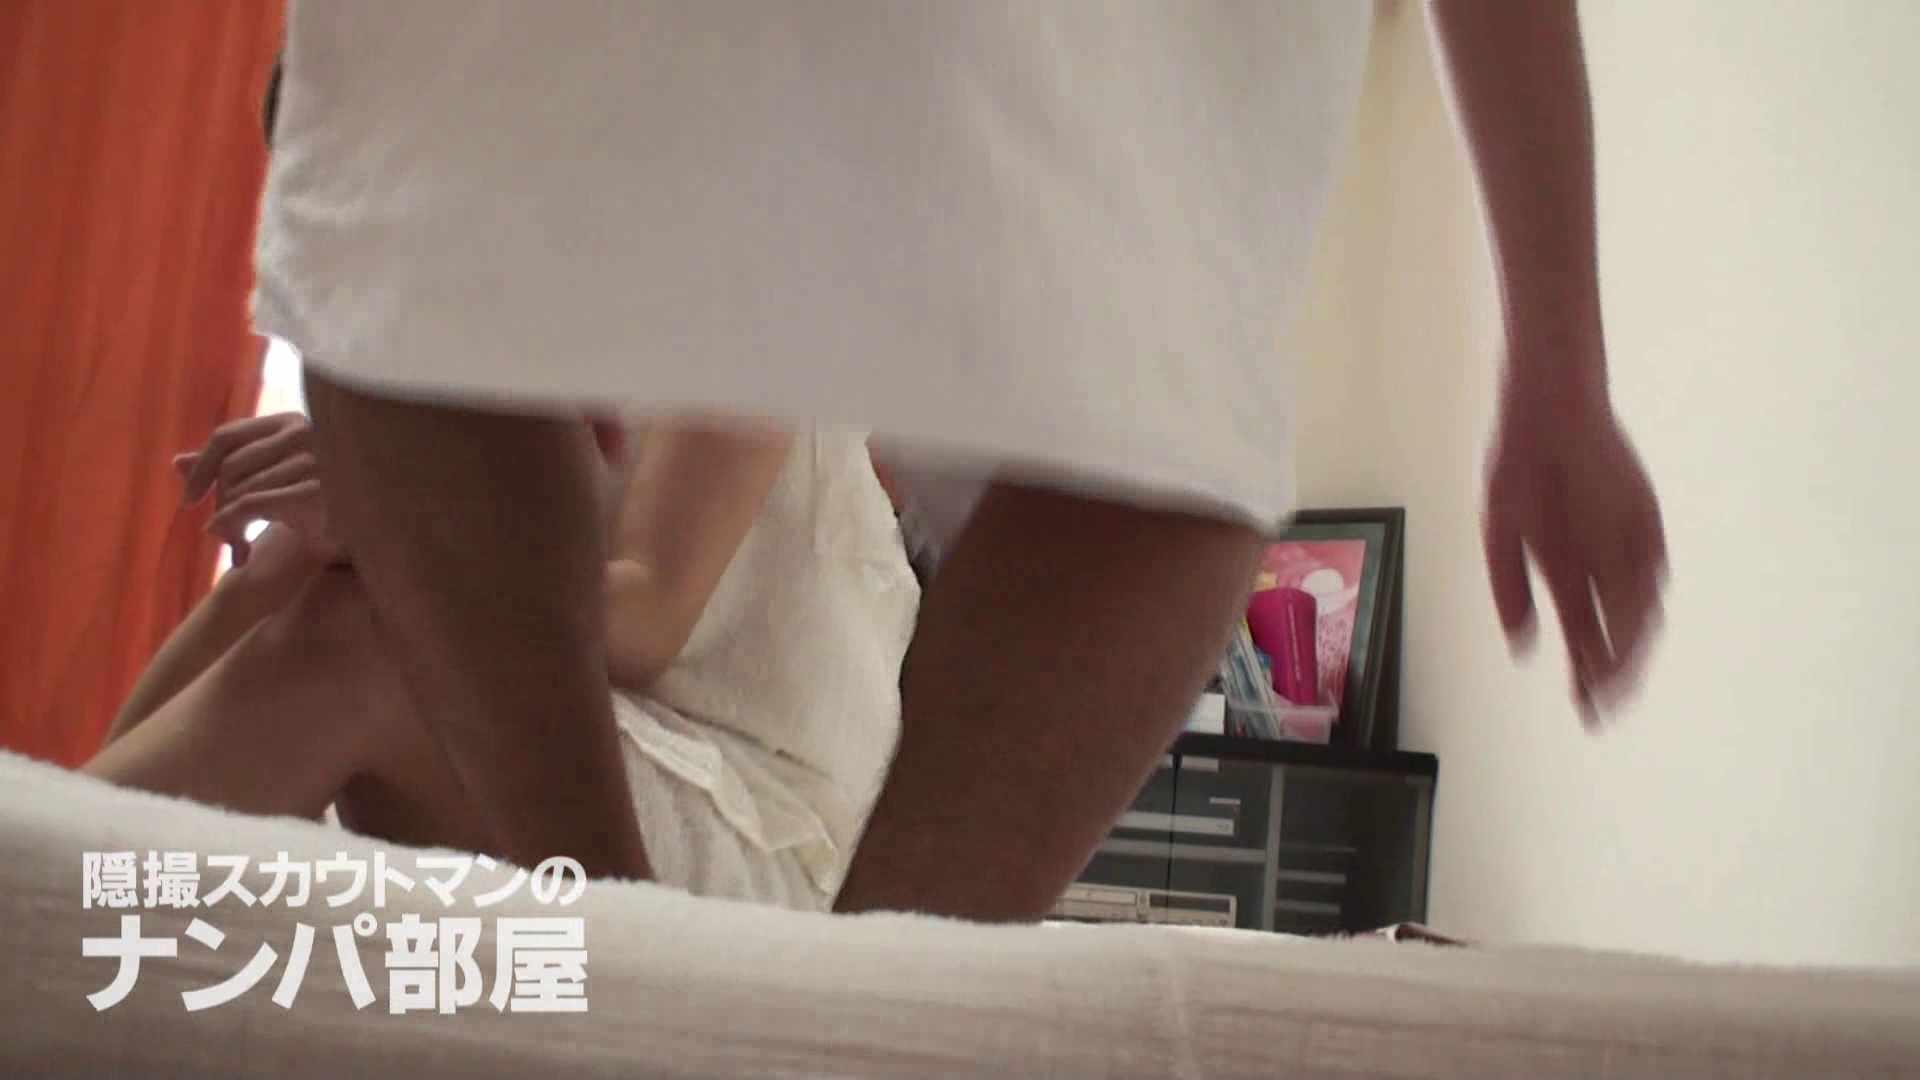 隠撮スカウトマンのナンパ部屋~風俗デビュー前のつまみ食い~ sii 0   0  104画像 65